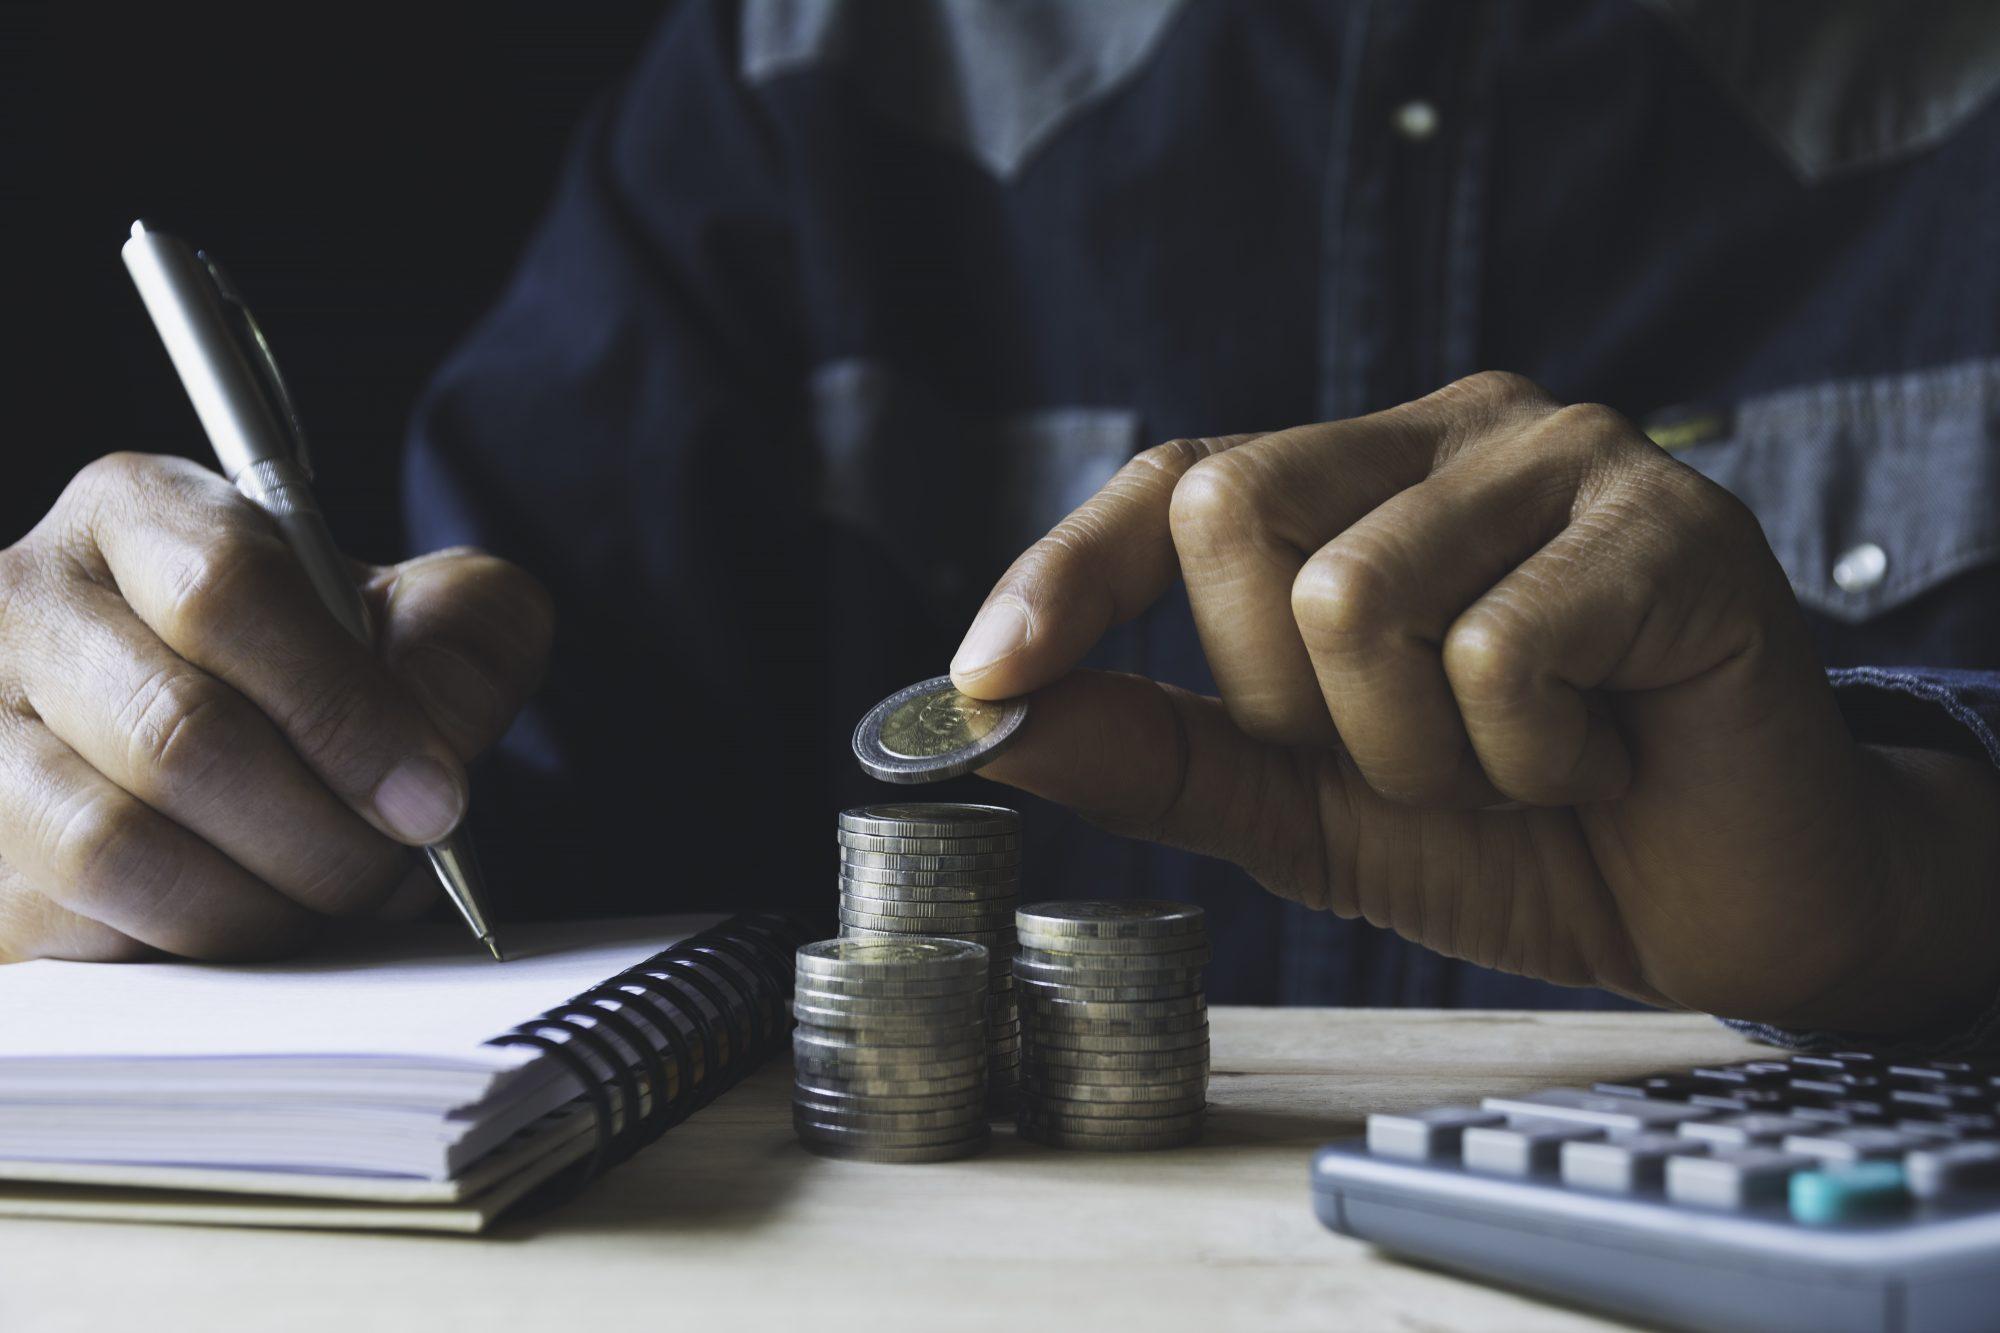 Substituição do depósito recursal por seguro garantia como alternativa para o período de crise